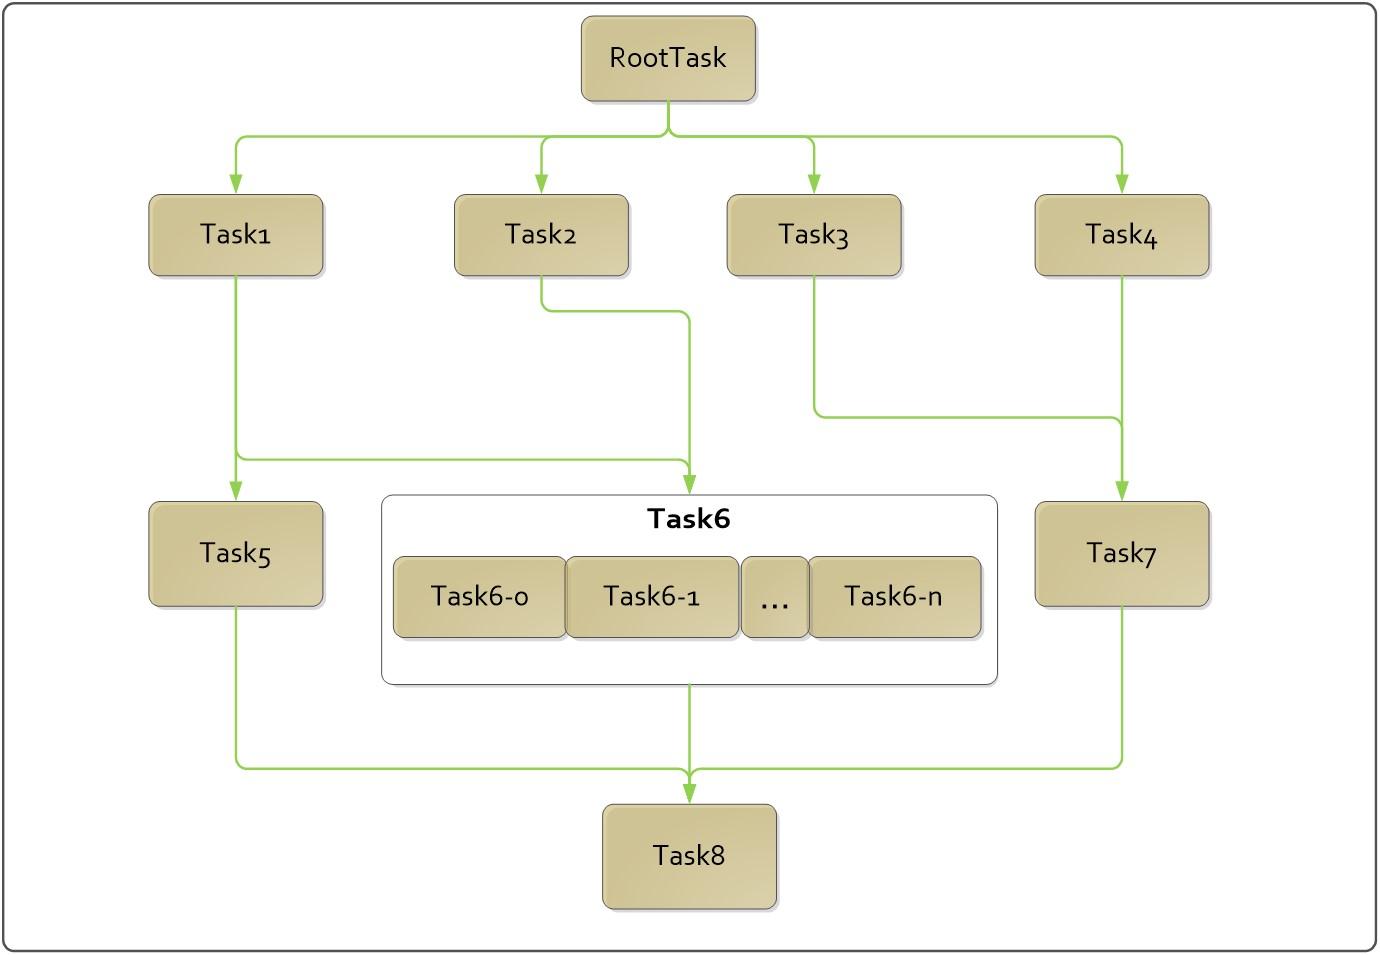 任务依赖关系概览图